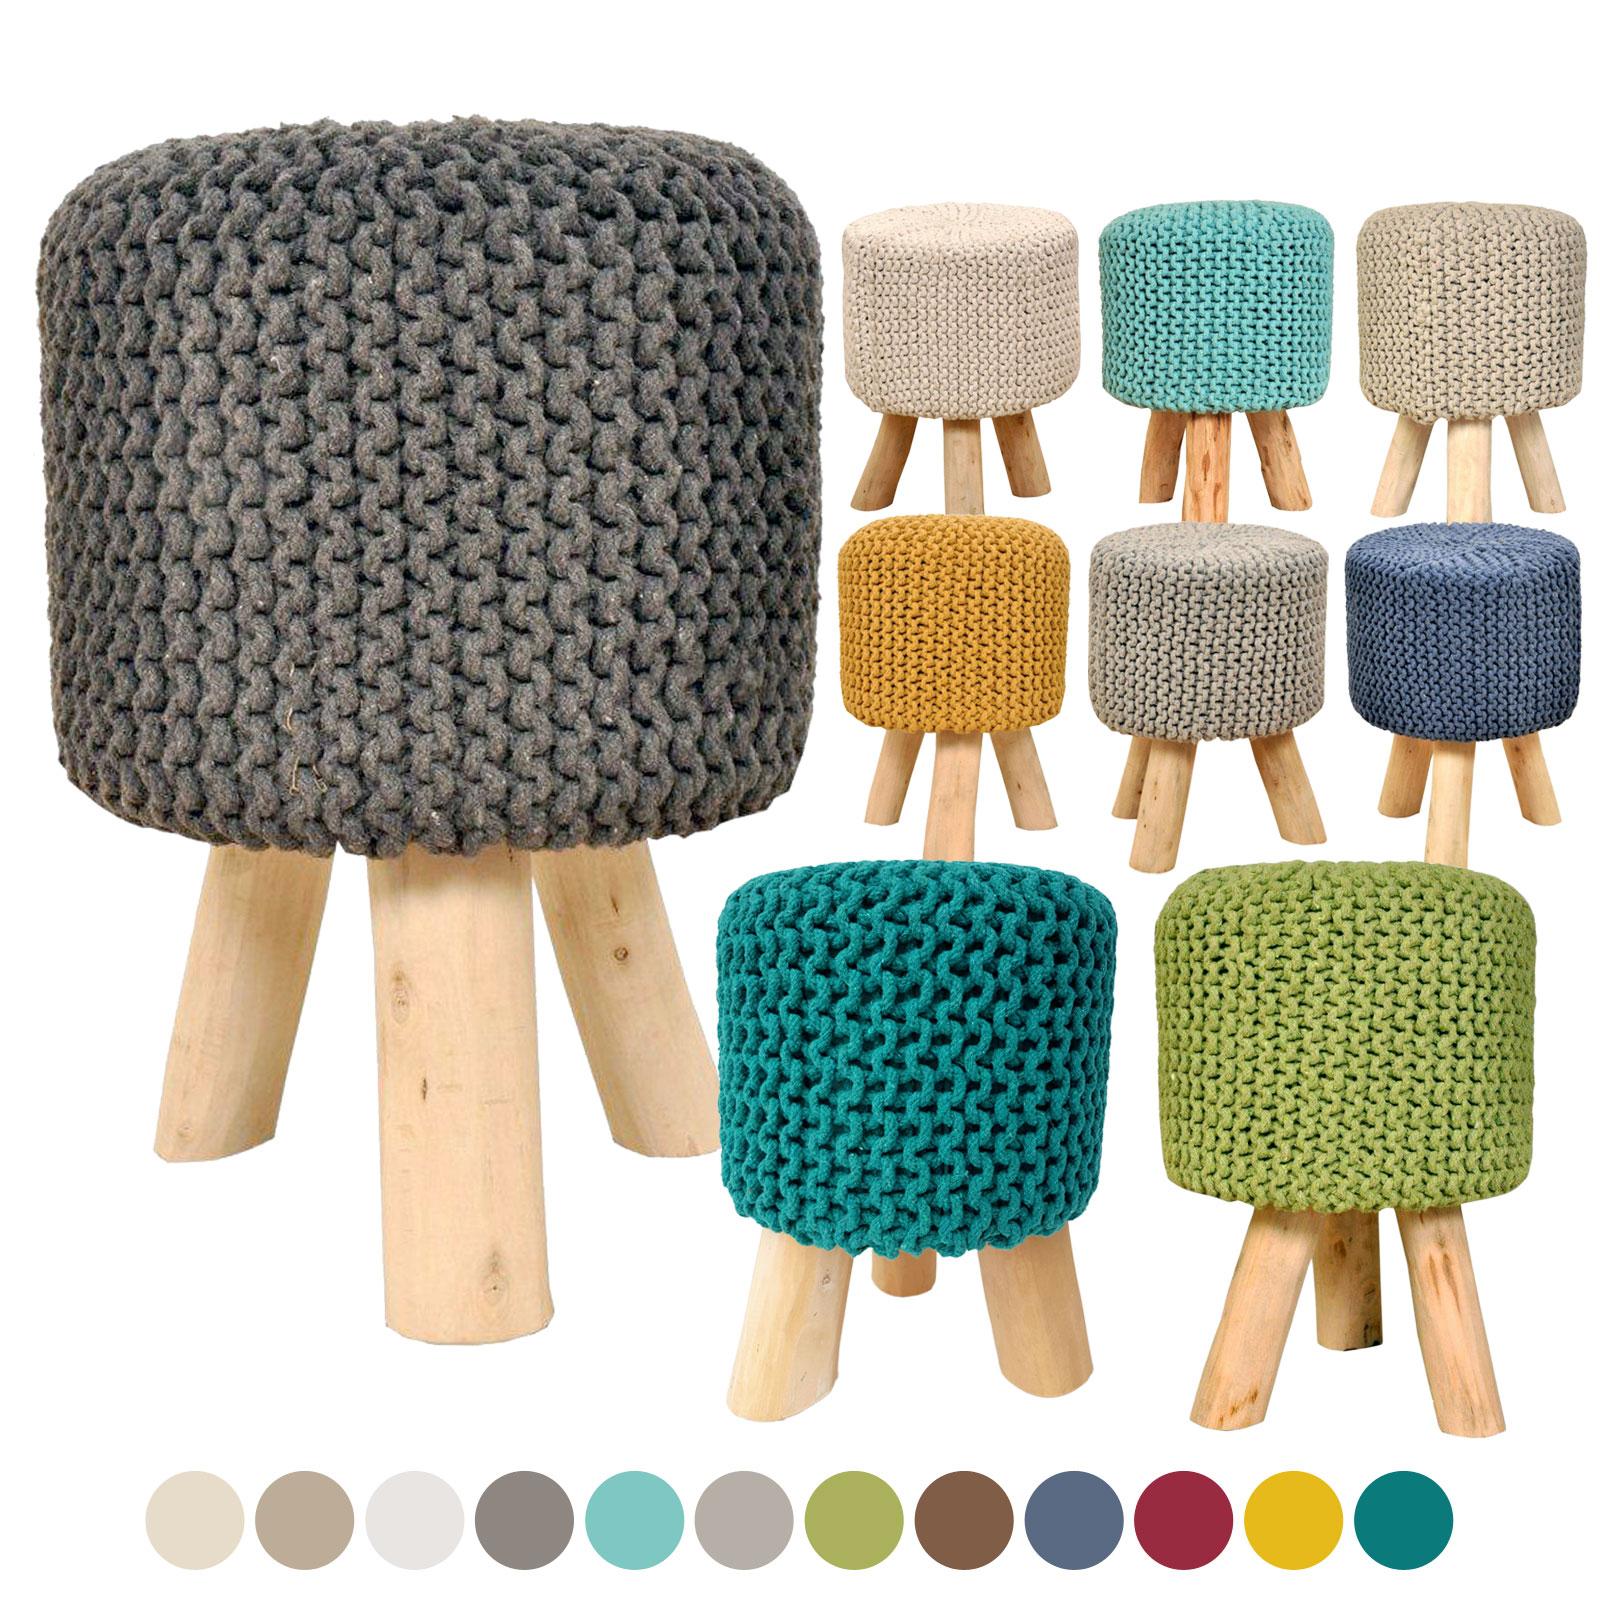 Sitzhocker Strick Hocker Pouf Schemel Ø 35 cm Höhe 45 cm mit Holzfüßen viele Farben